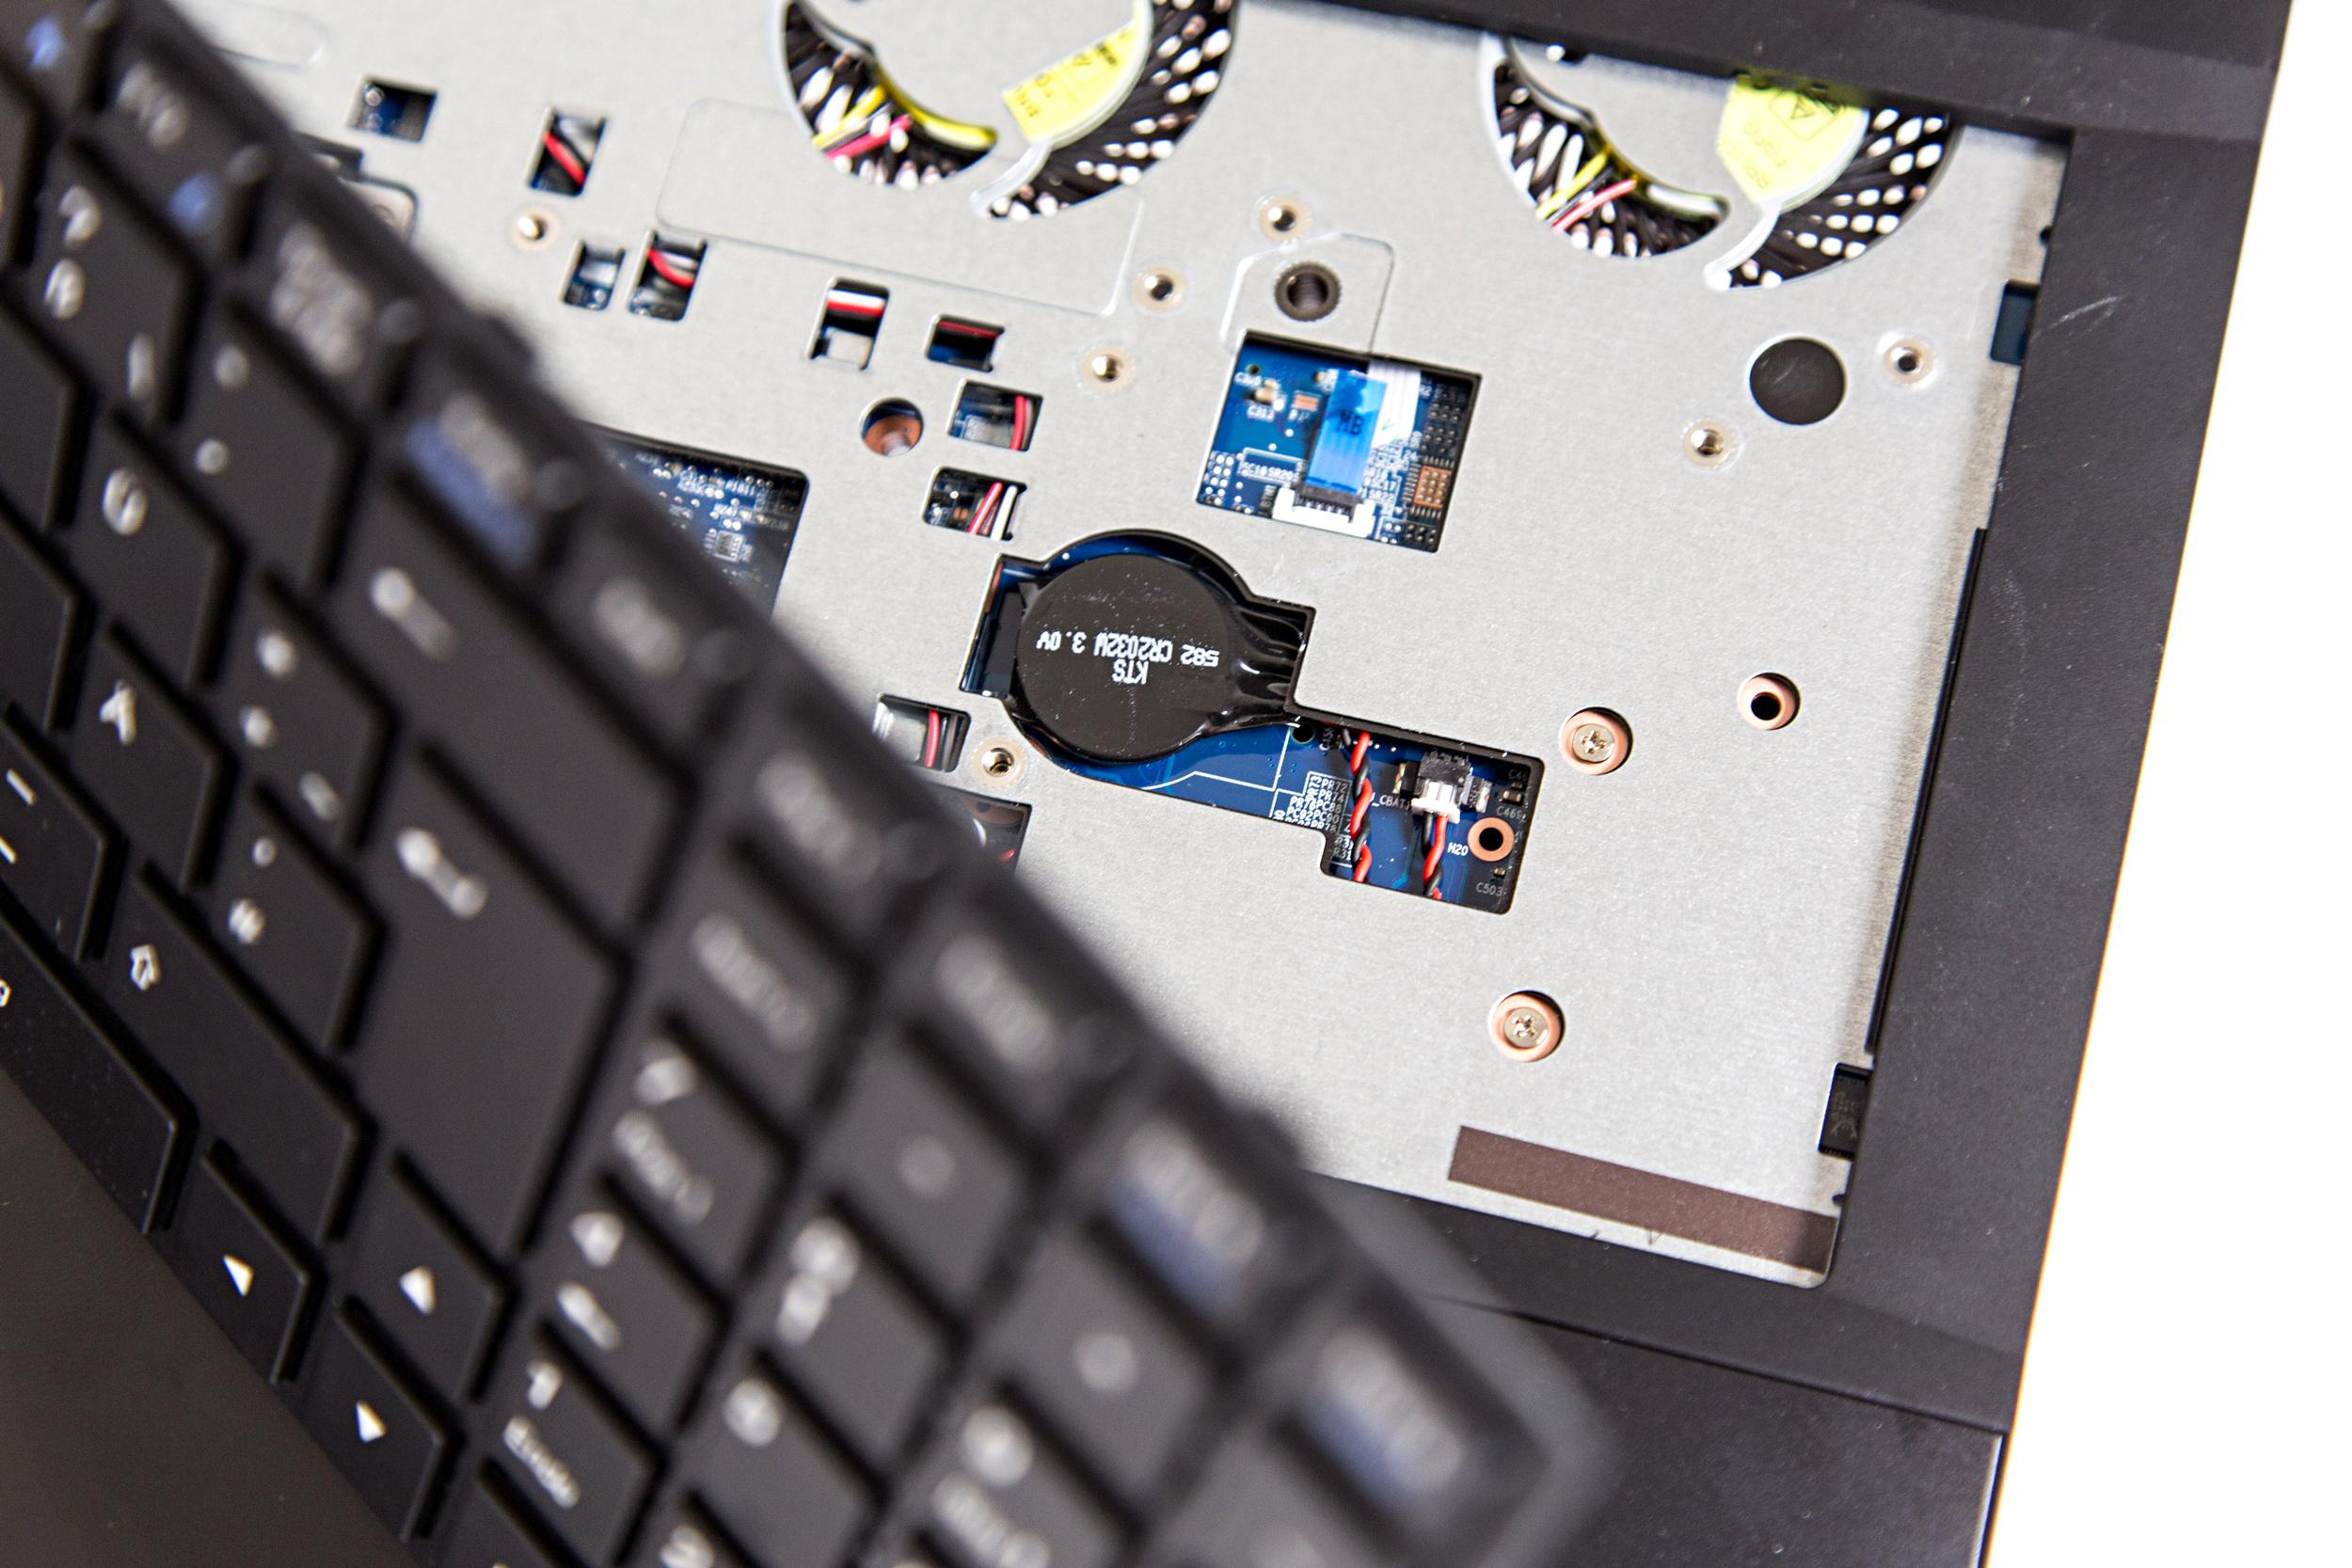 Core i7-6820HK: Das bringt CPU-Overclocking im Notebook - Die Bios-Batterie befindet sich unter der Tastatur (Foto: Martin Wolf/Golem.de)